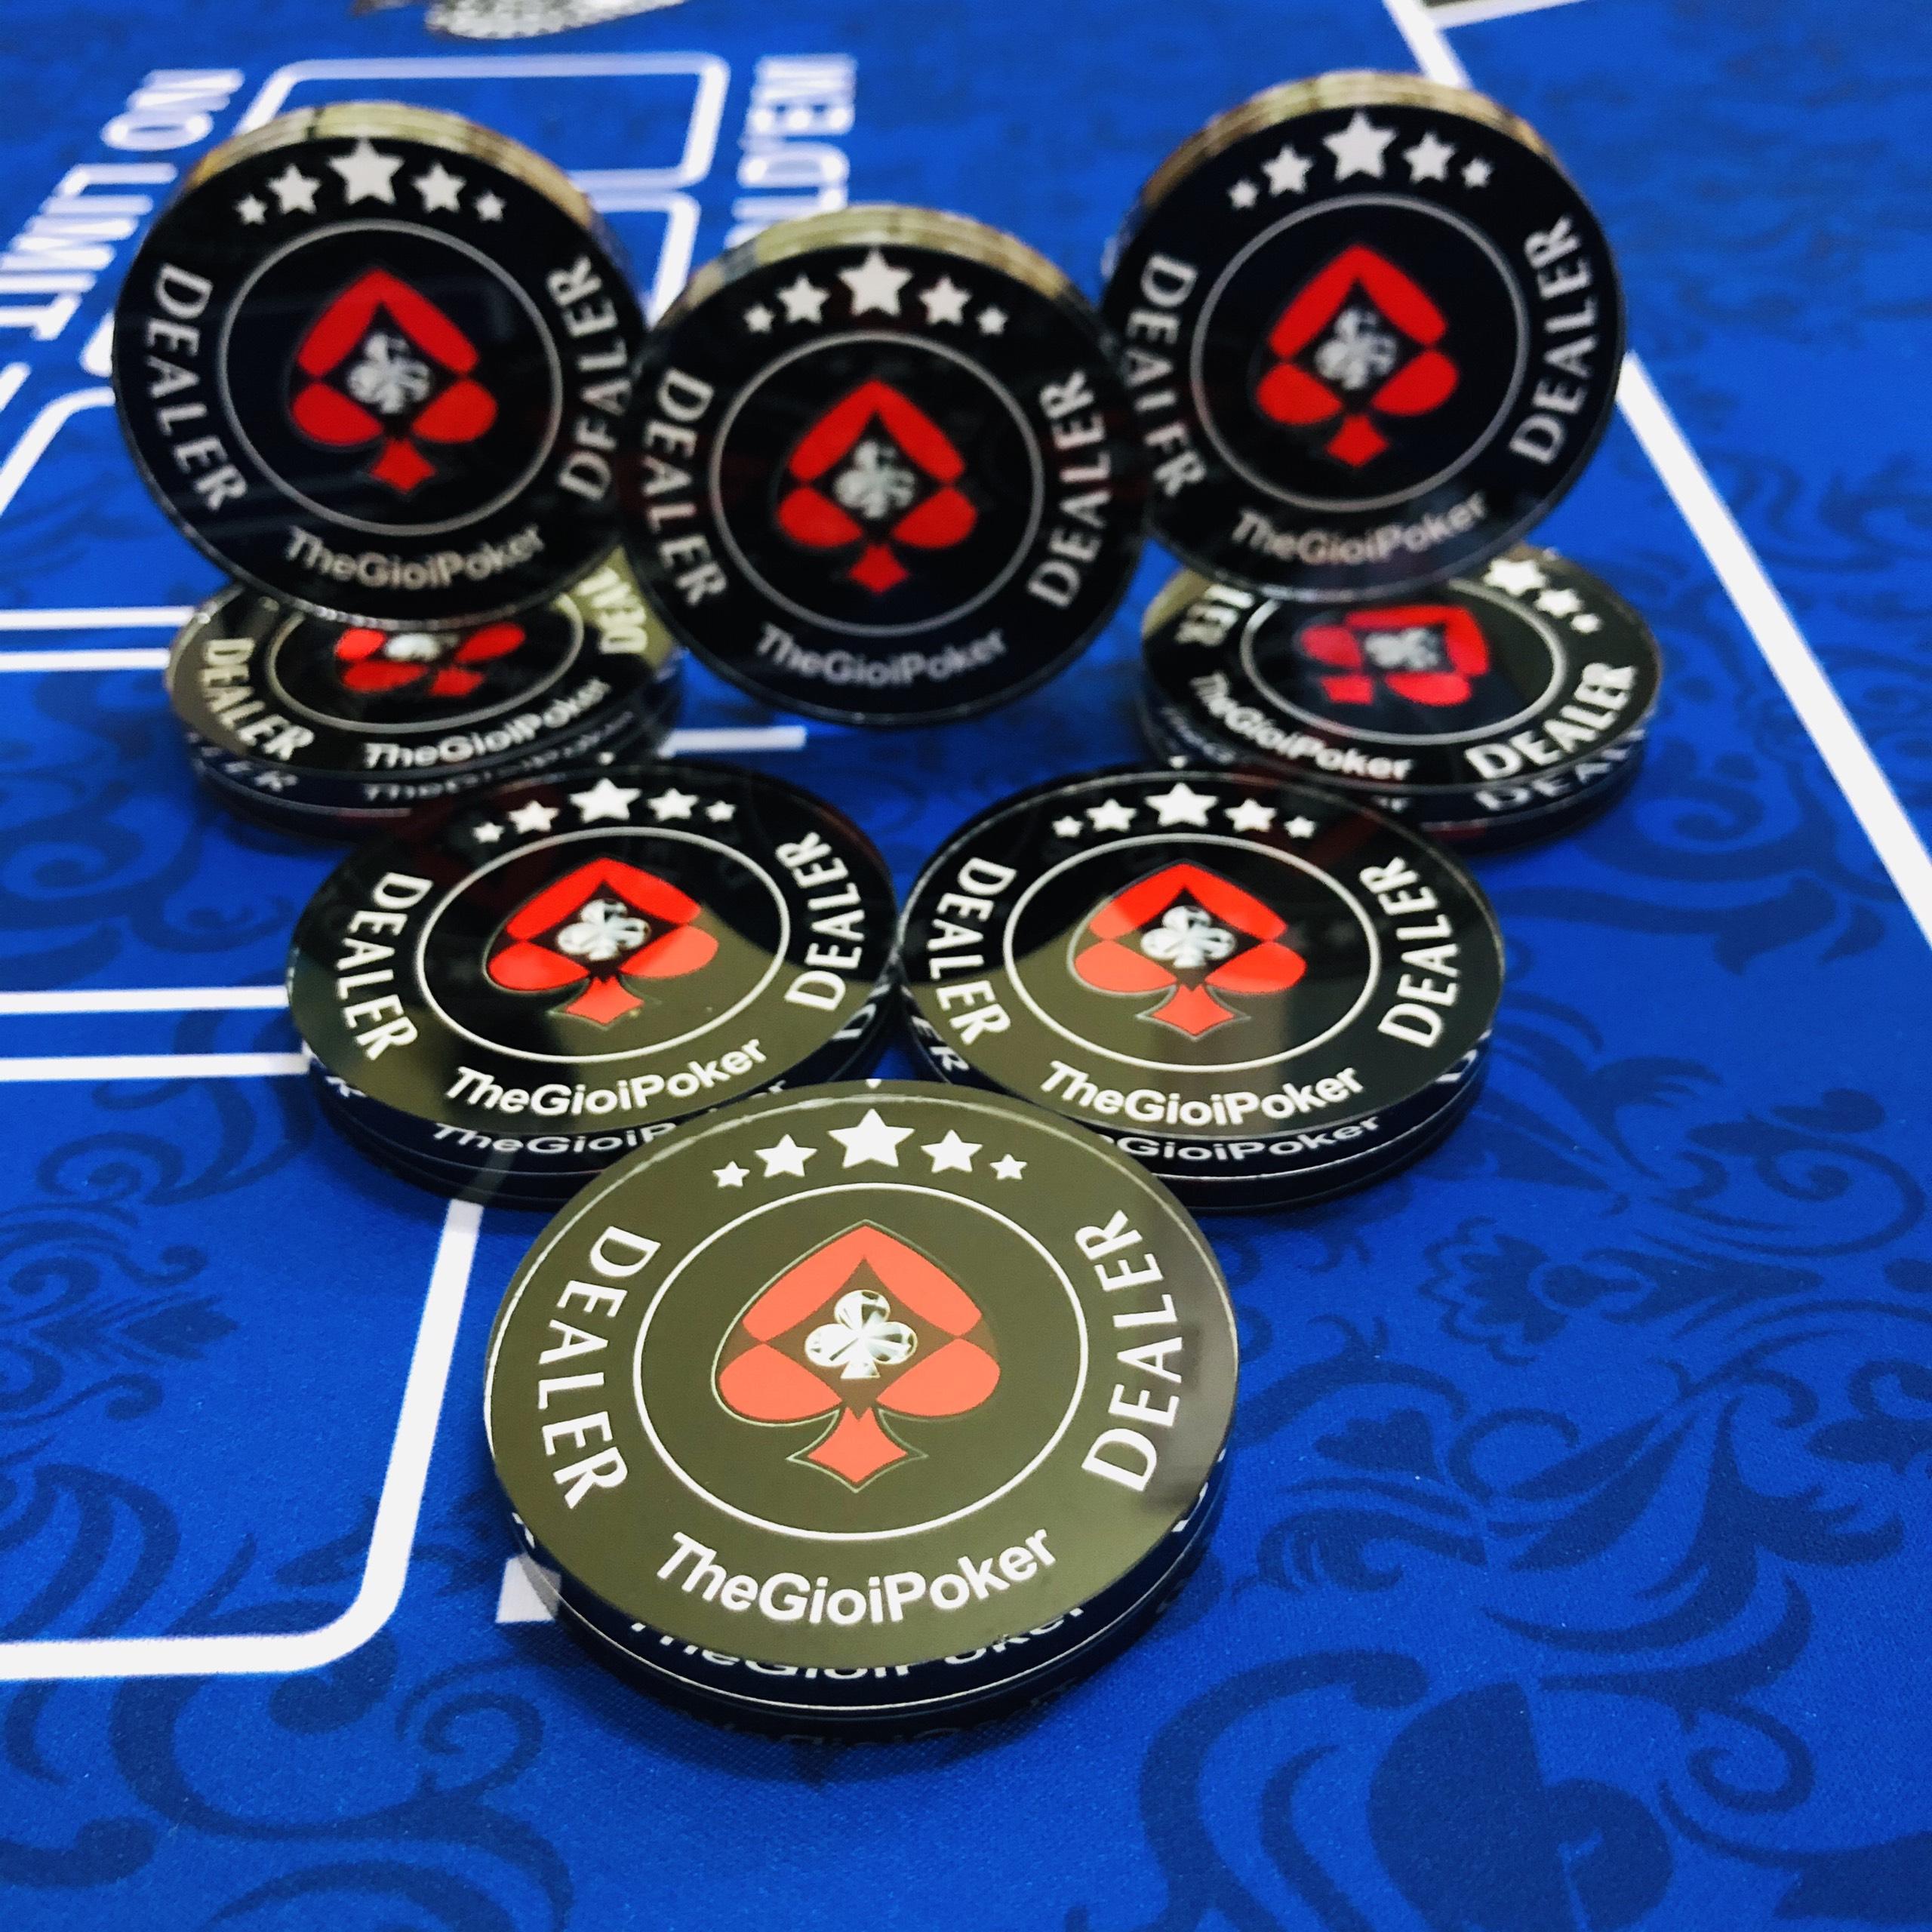 Dealer Button TheGioiPoker được làm từ pha lê dạ quang cực đẹp